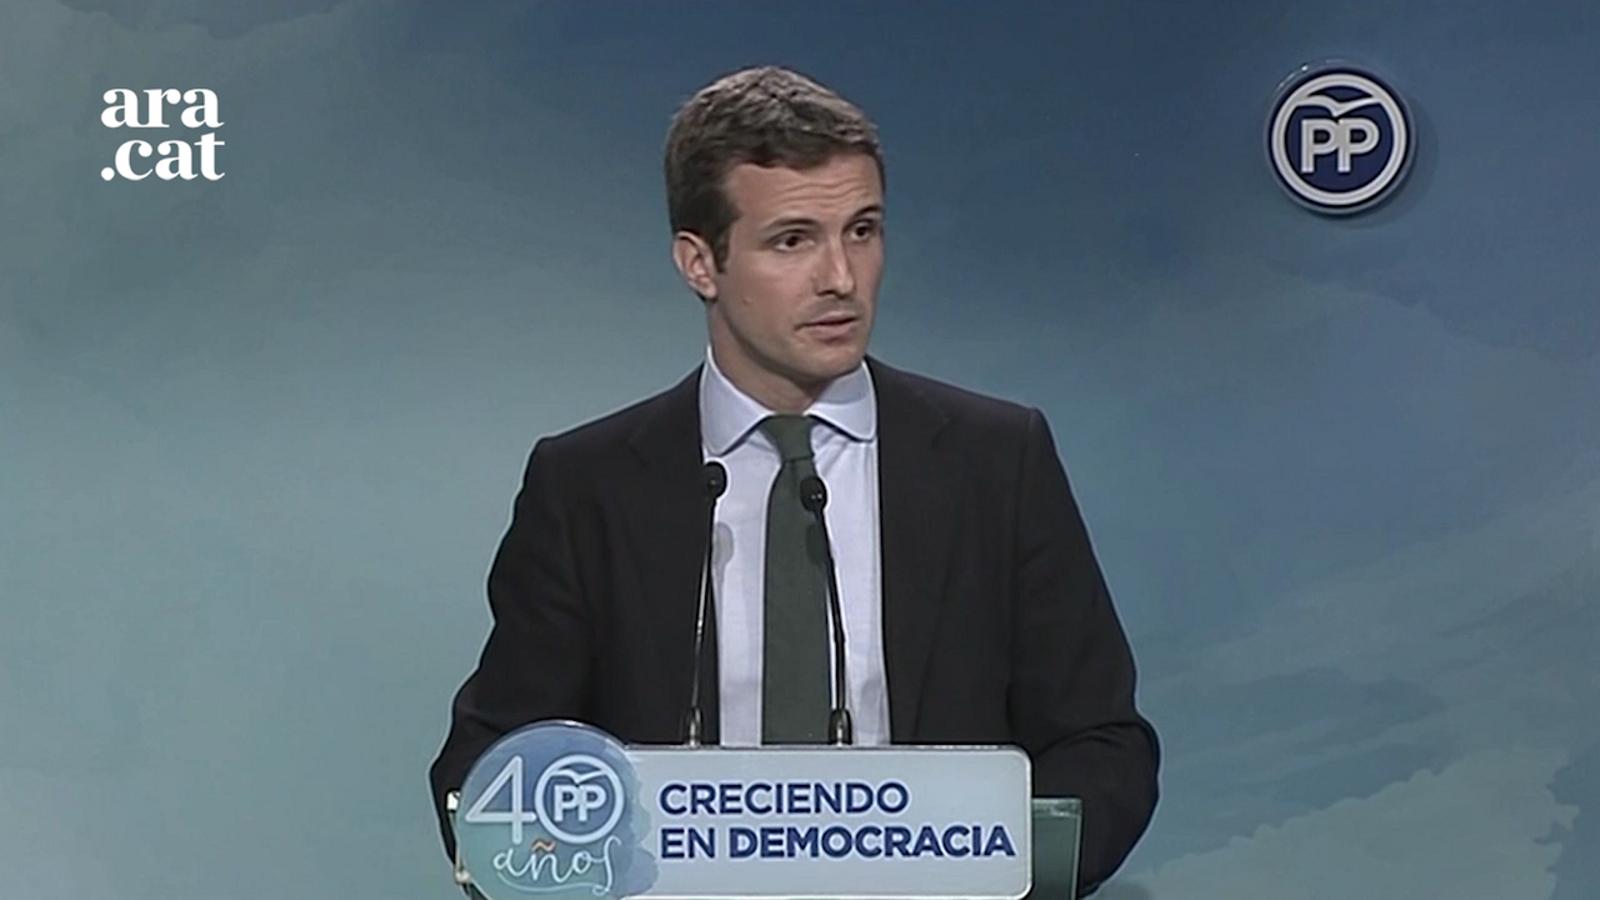 Pablo Casado (PP): Esperem que demà no es declari la DUI, perquè potser [Puigdemont] acaba com qui la va declarar fa 83 anys [Companys]